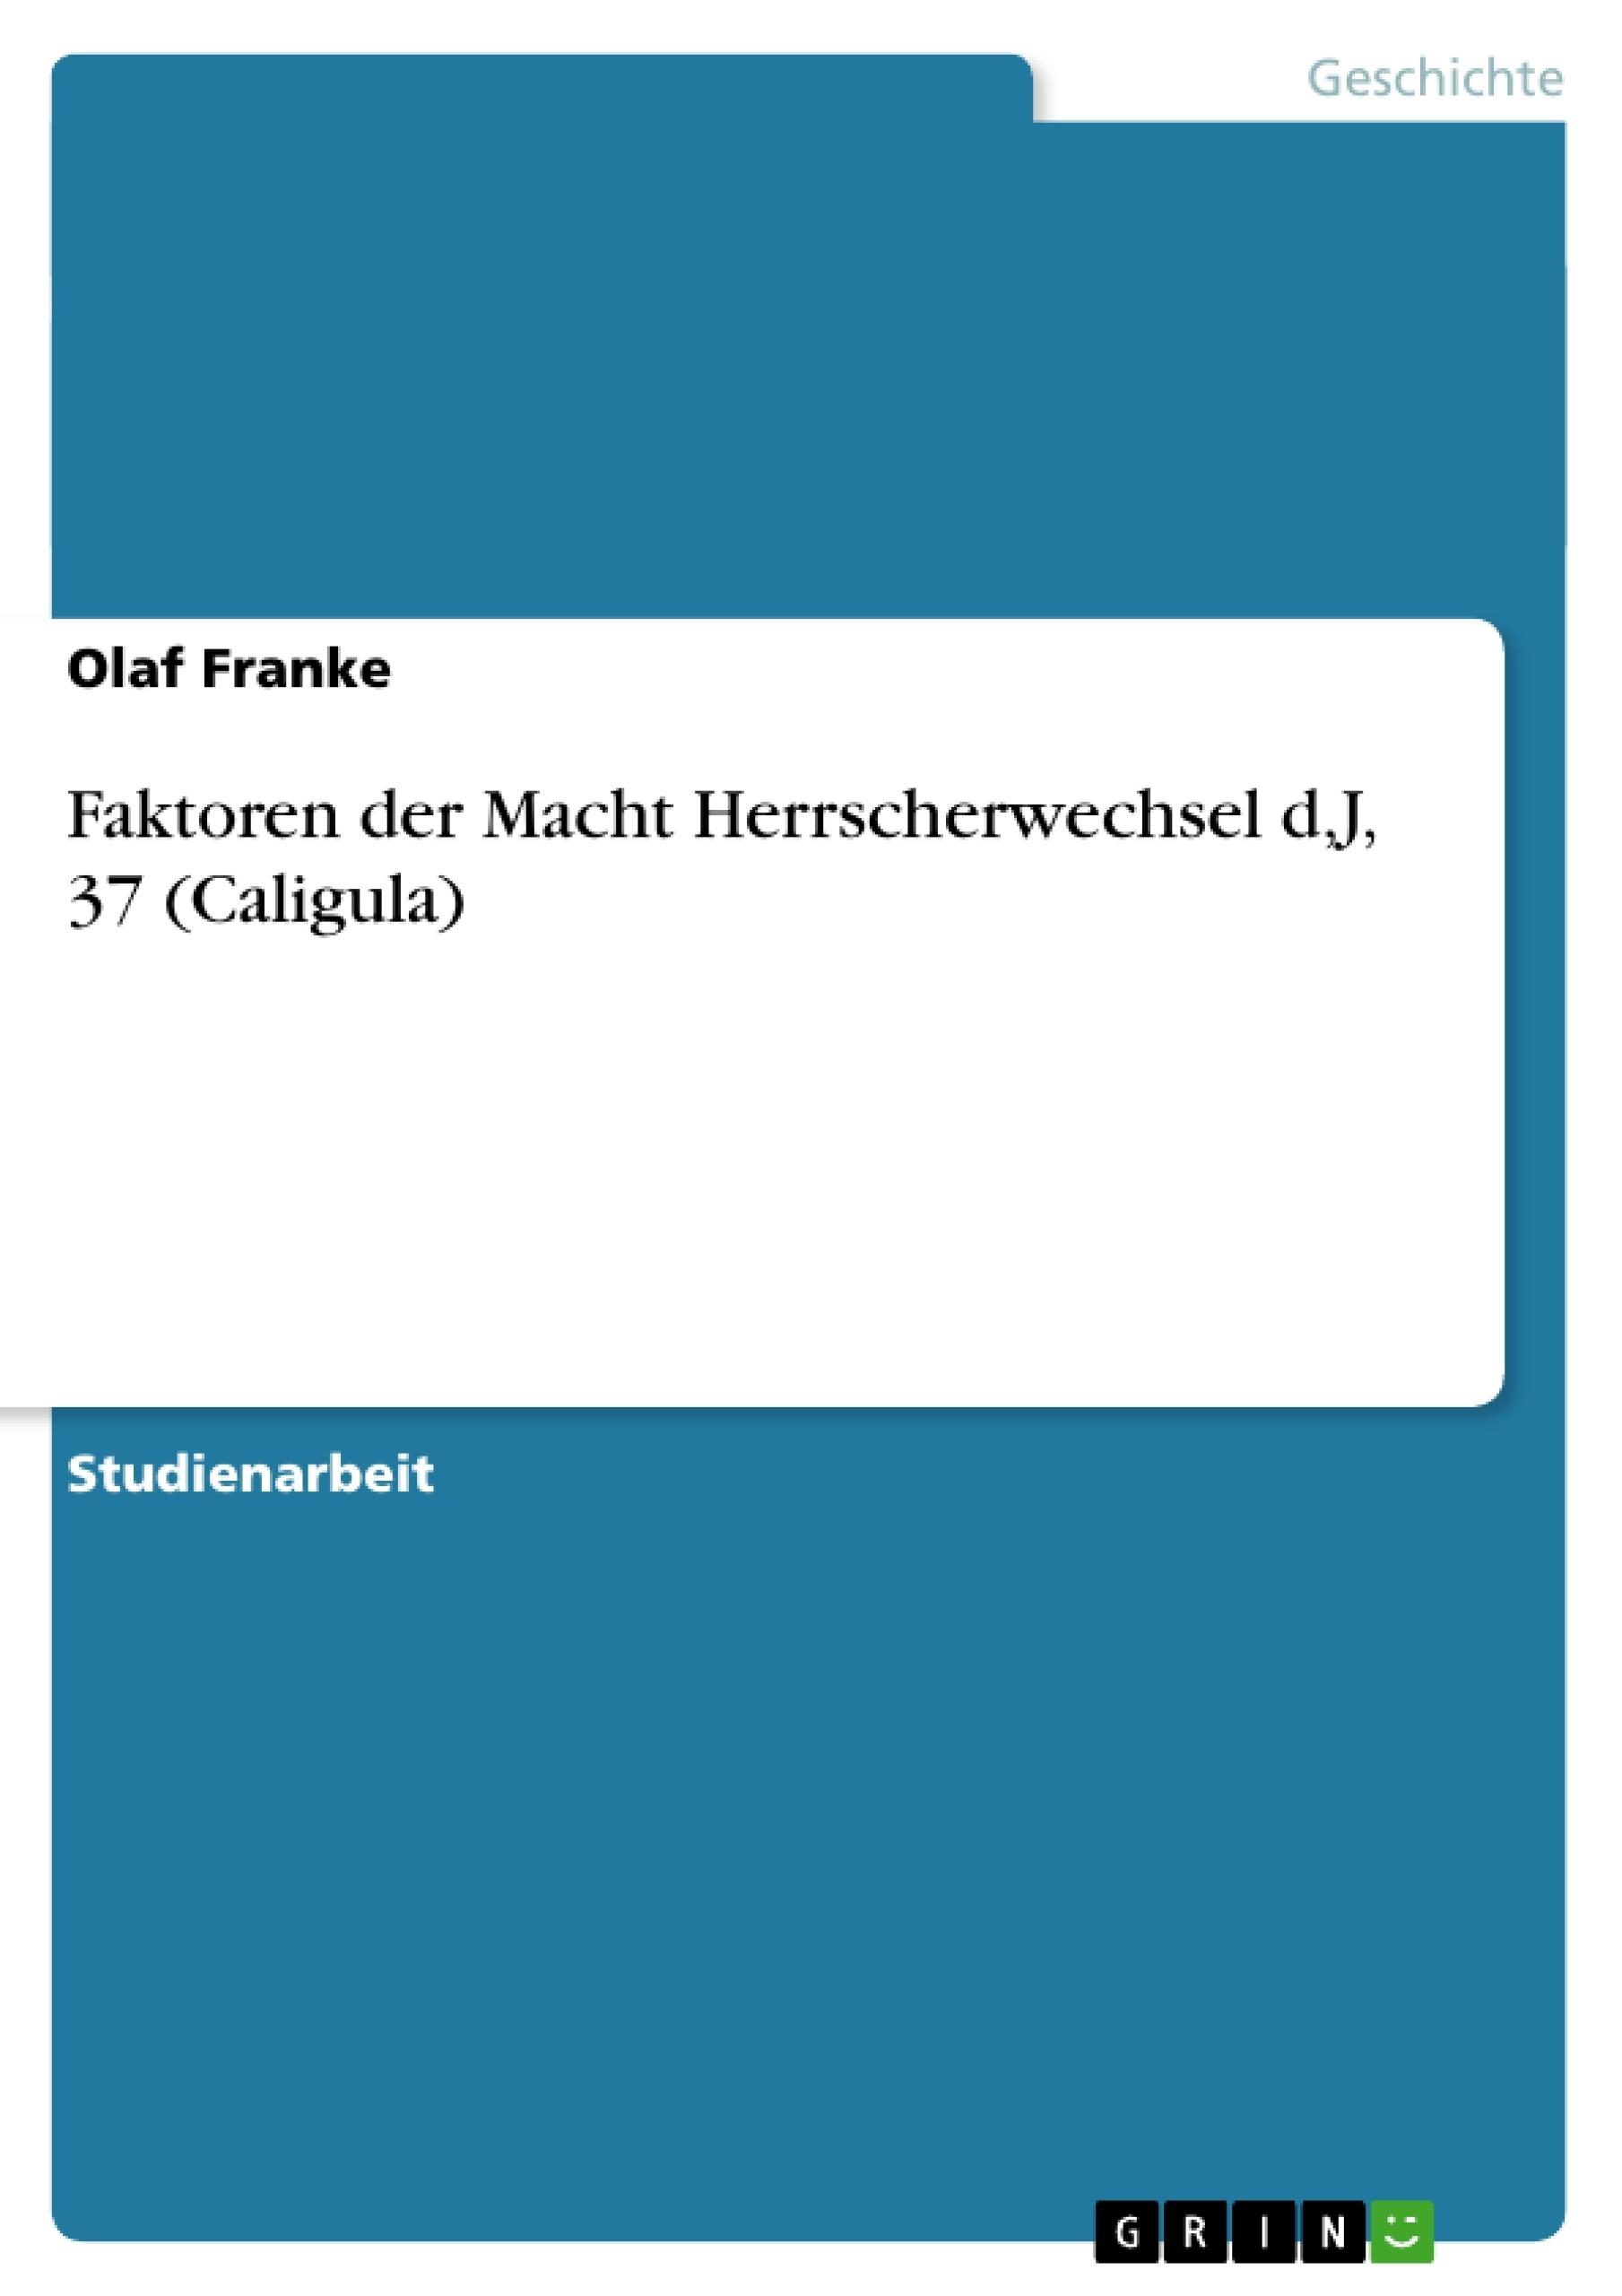 Titel:  Faktoren der Macht Herrscherwechsel d,J, 37 (Caligula)